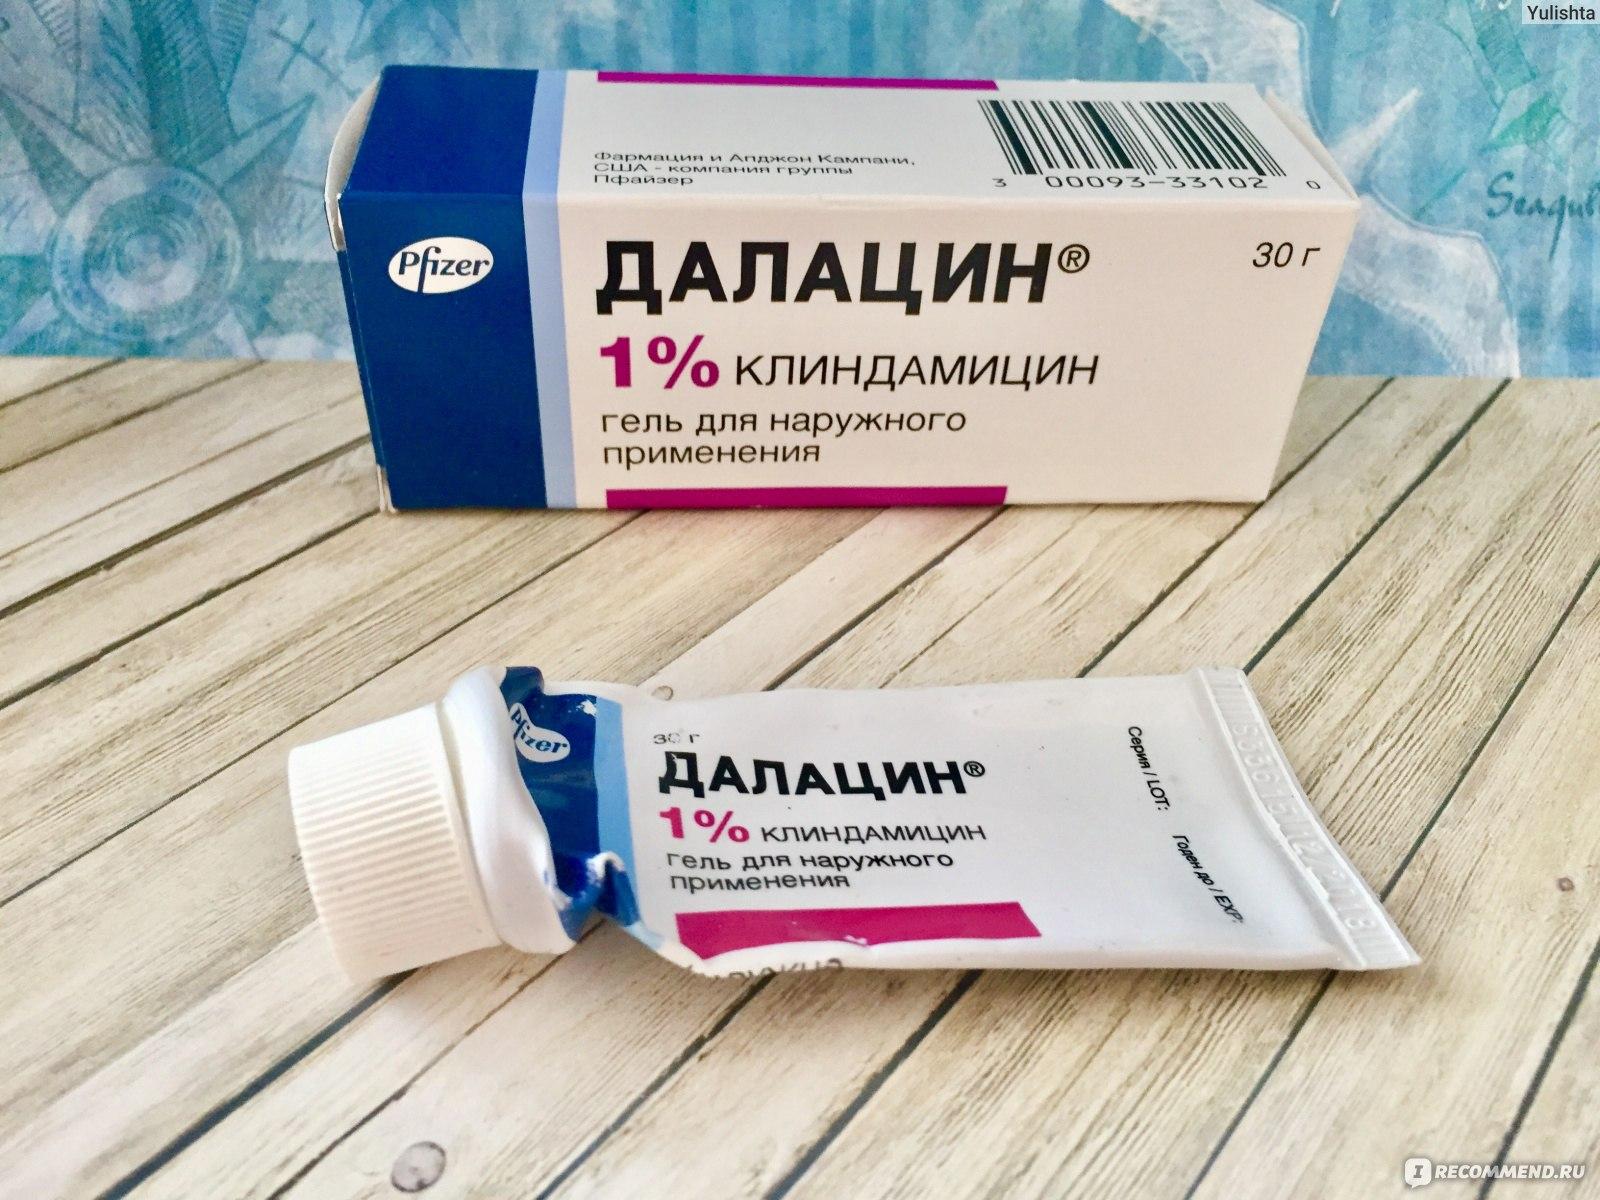 Клиндамицин помогает ли от прыщей